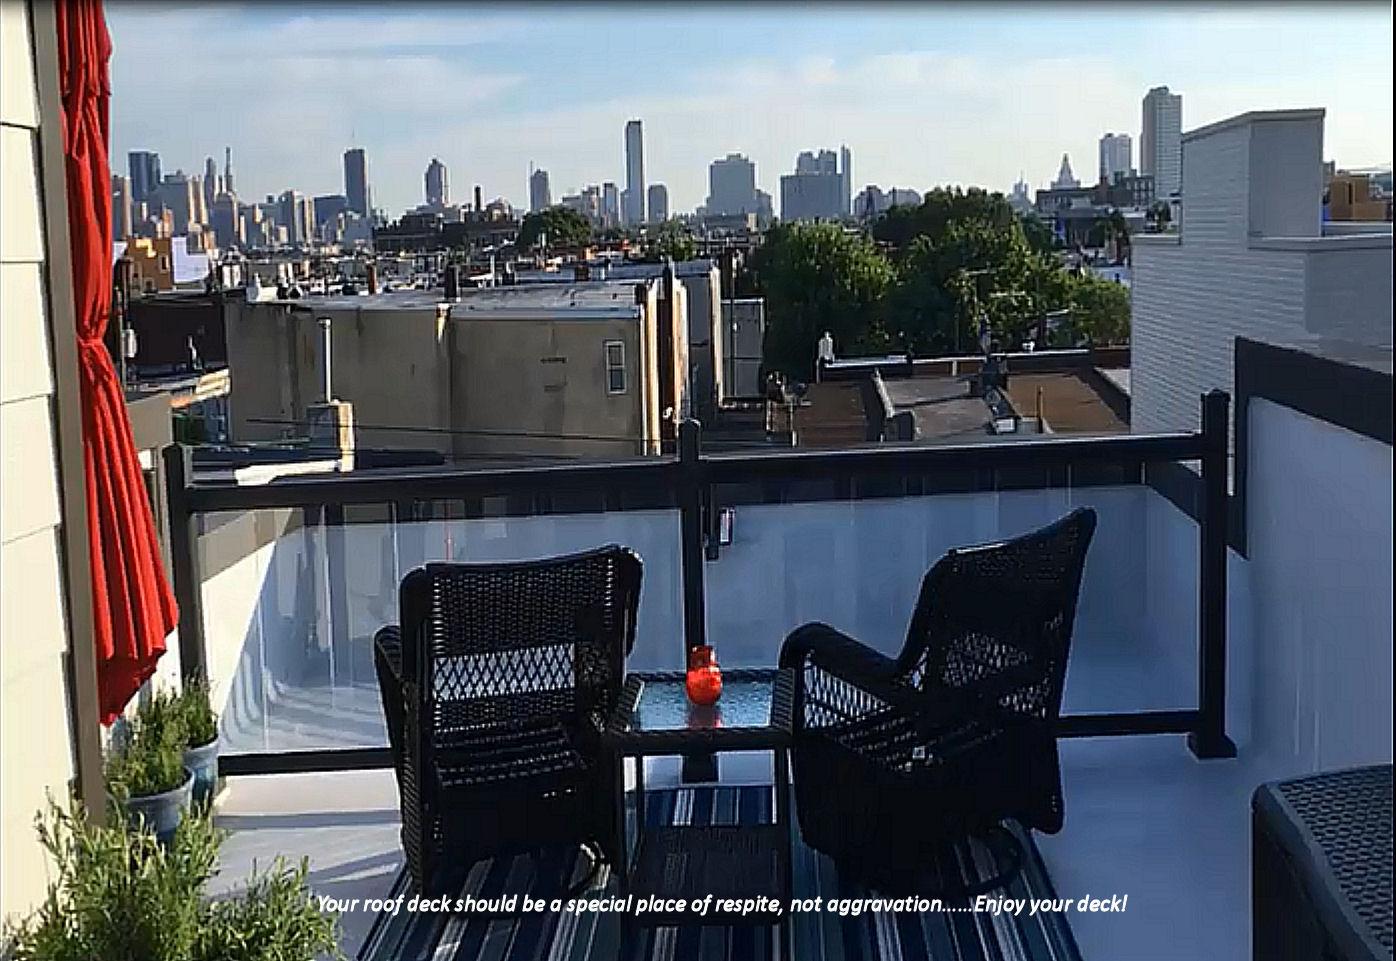 Enjoy Your Roof Drck. Fiberglass Deck Repair